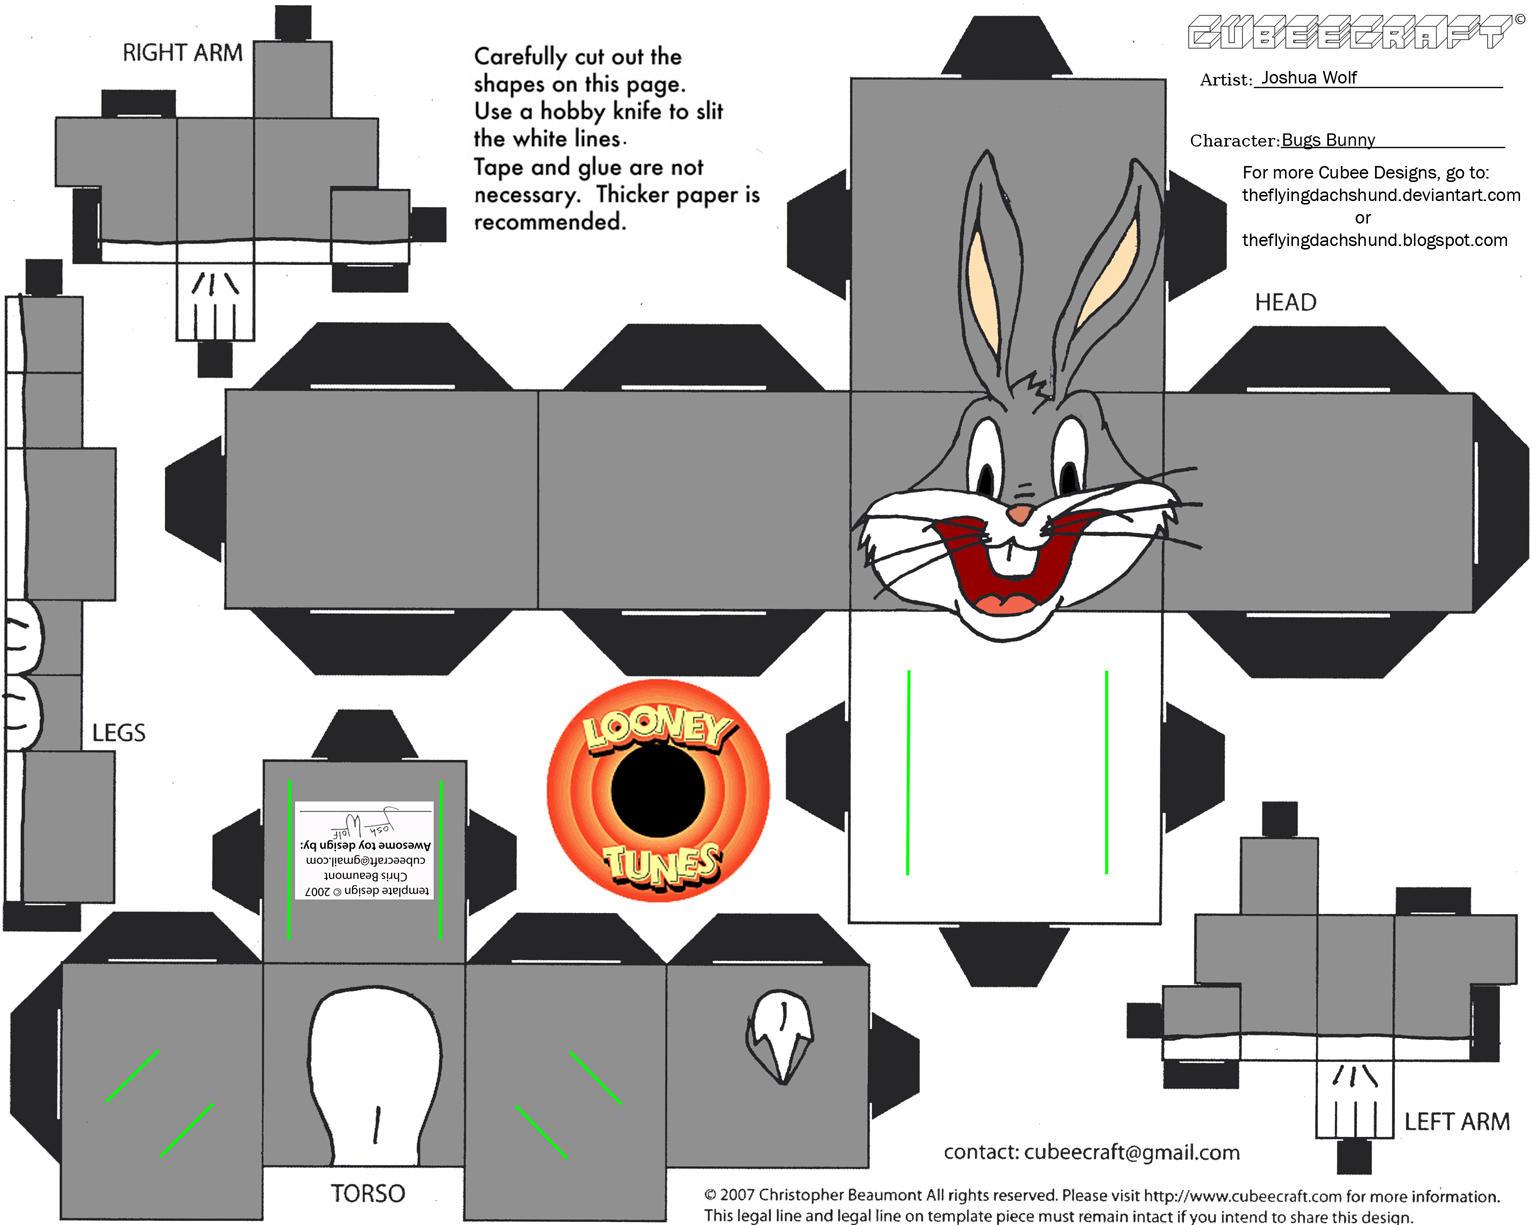 LT1: Bugs Bunny Cubee by TheFlyingDachshund